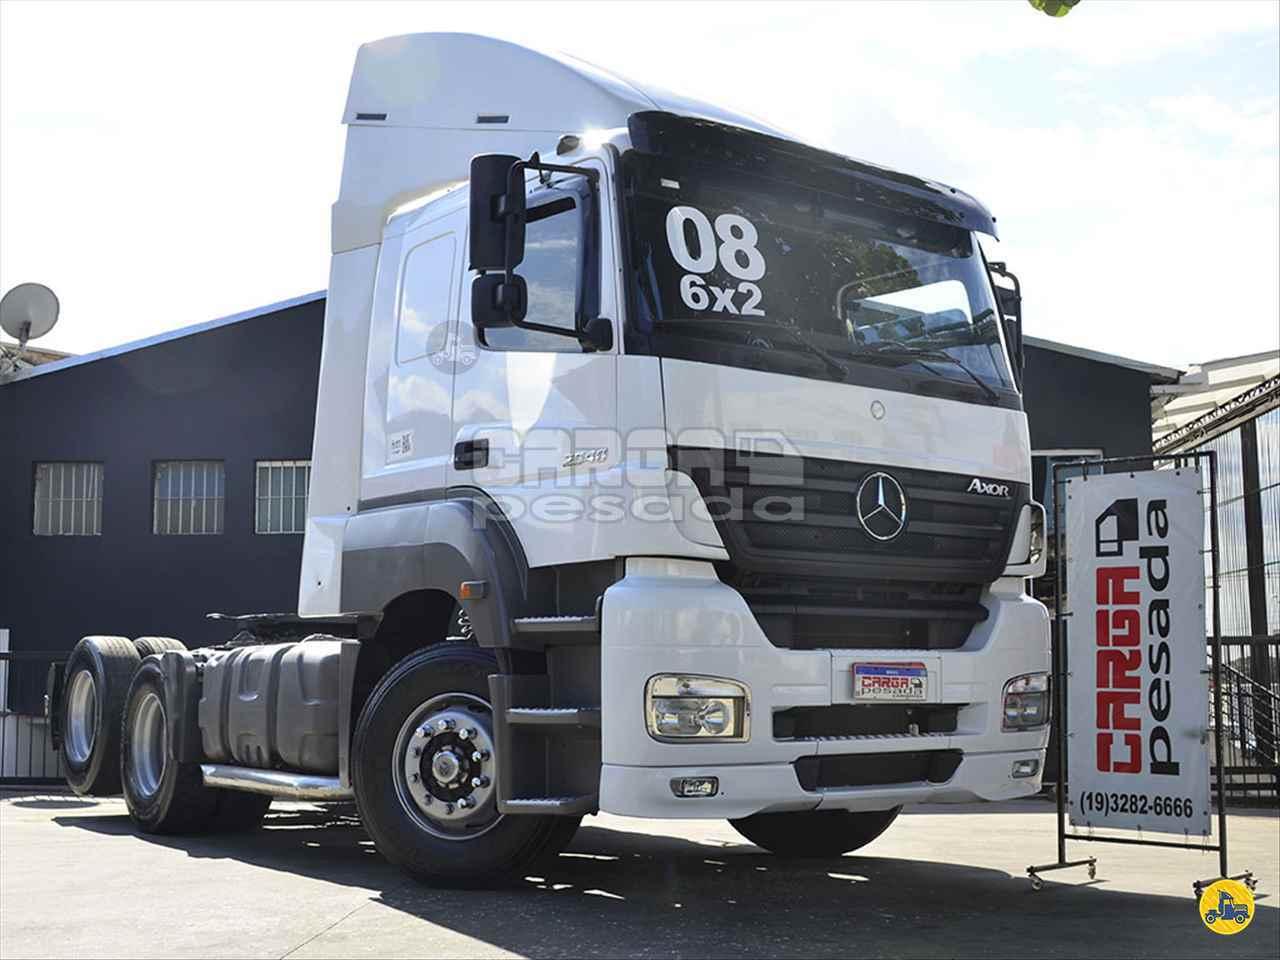 CAMINHAO MERCEDES-BENZ MB 2540 Cavalo Mecânico Truck 6x2 Carga Pesada Caminhões SAO PAULO SÃO PAULO SP